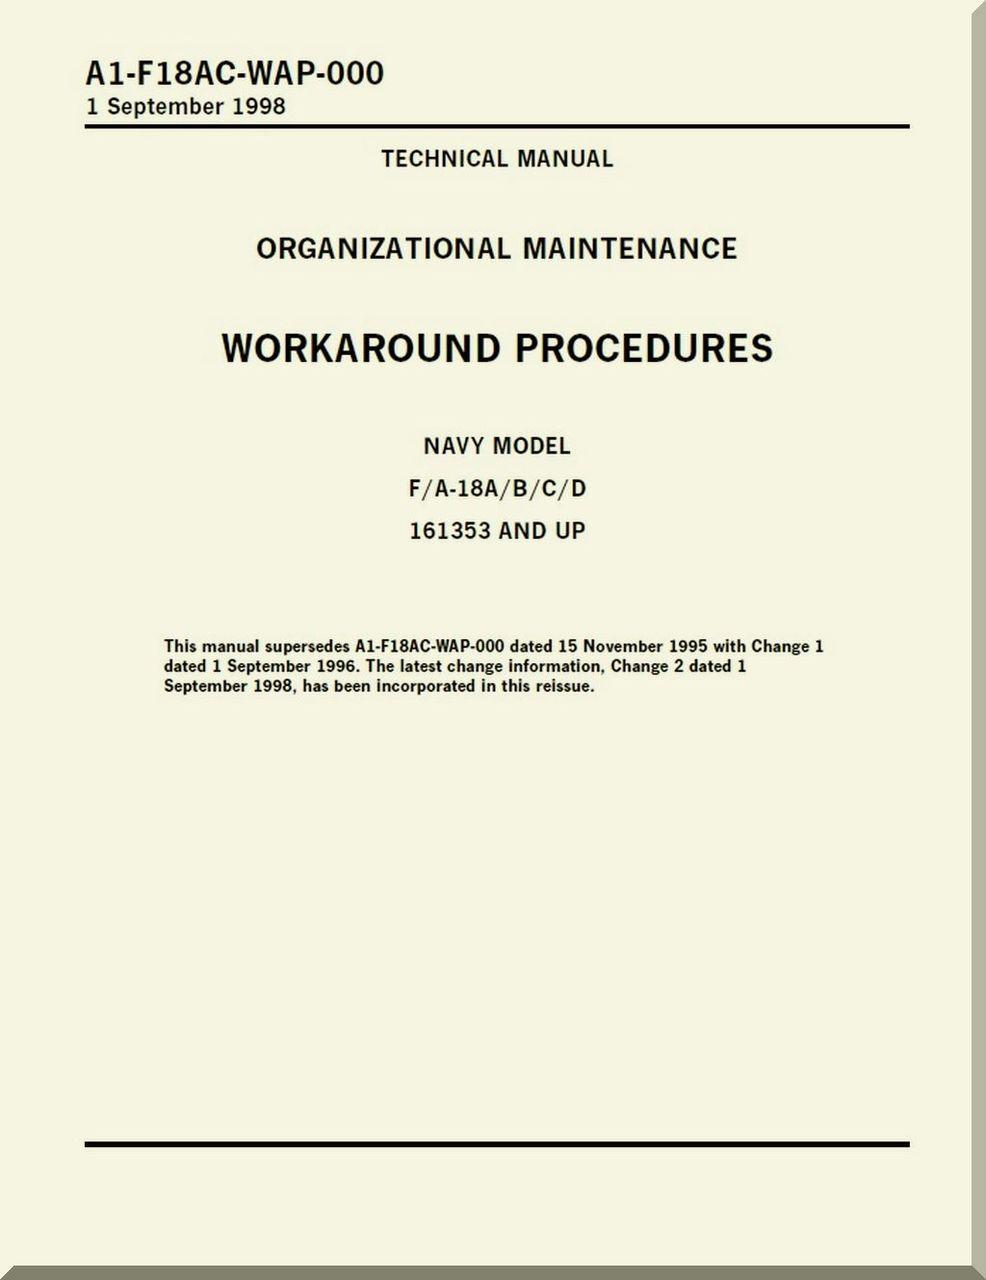 Mc Donnell Douglas F / A 18 A / B / C / D Aircraft Organizational  Maintenance - Workaround Procedures Manual - A1-F18AC-WAP-000